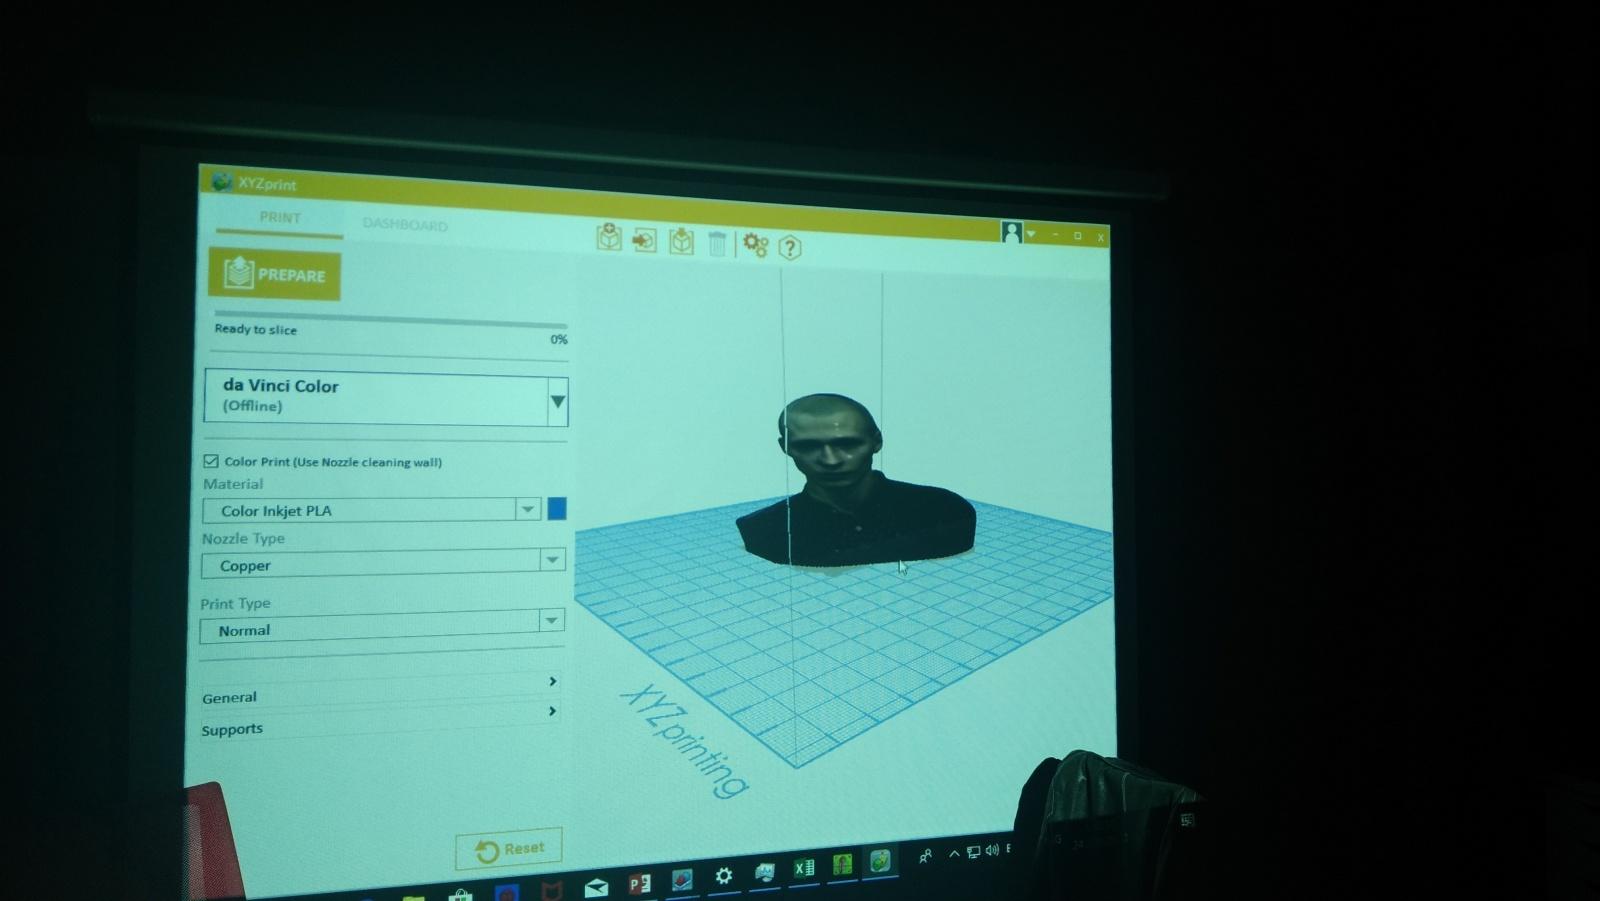 Цветной 3D-принтер Da Vinci. Фоторепортаж с презентации Компании XYZprinting - 25